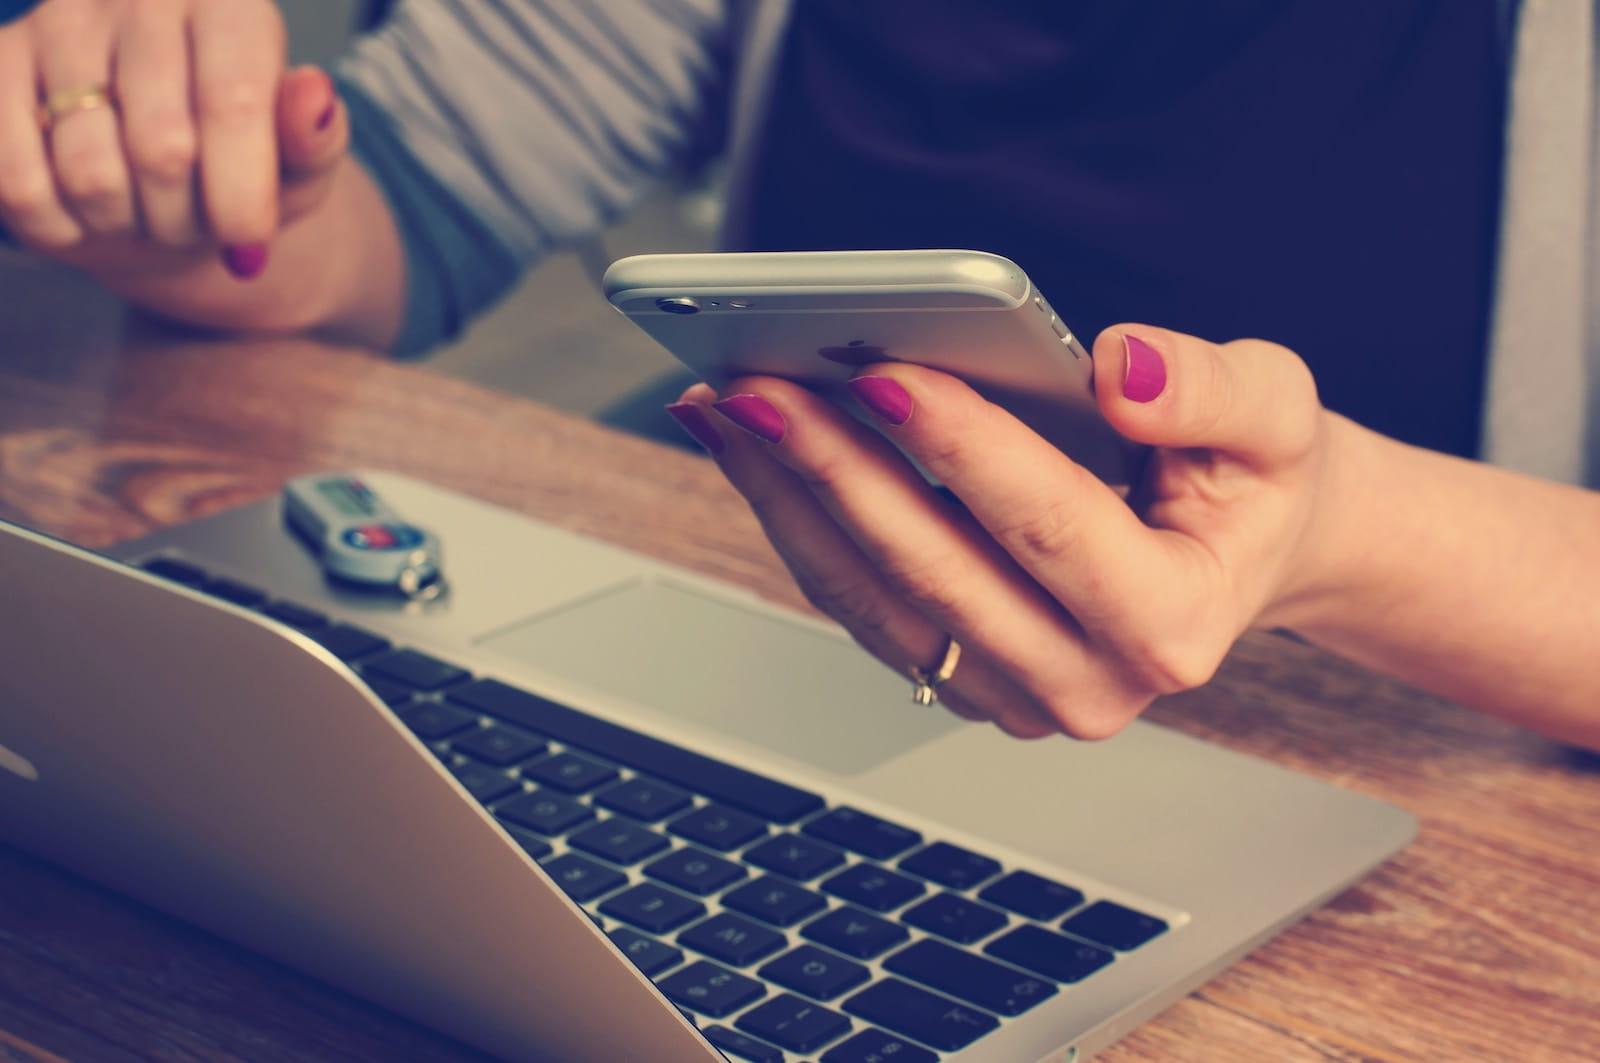 Kolme teesiä käytettävyyden parantamiseksi verkkopalveluissa